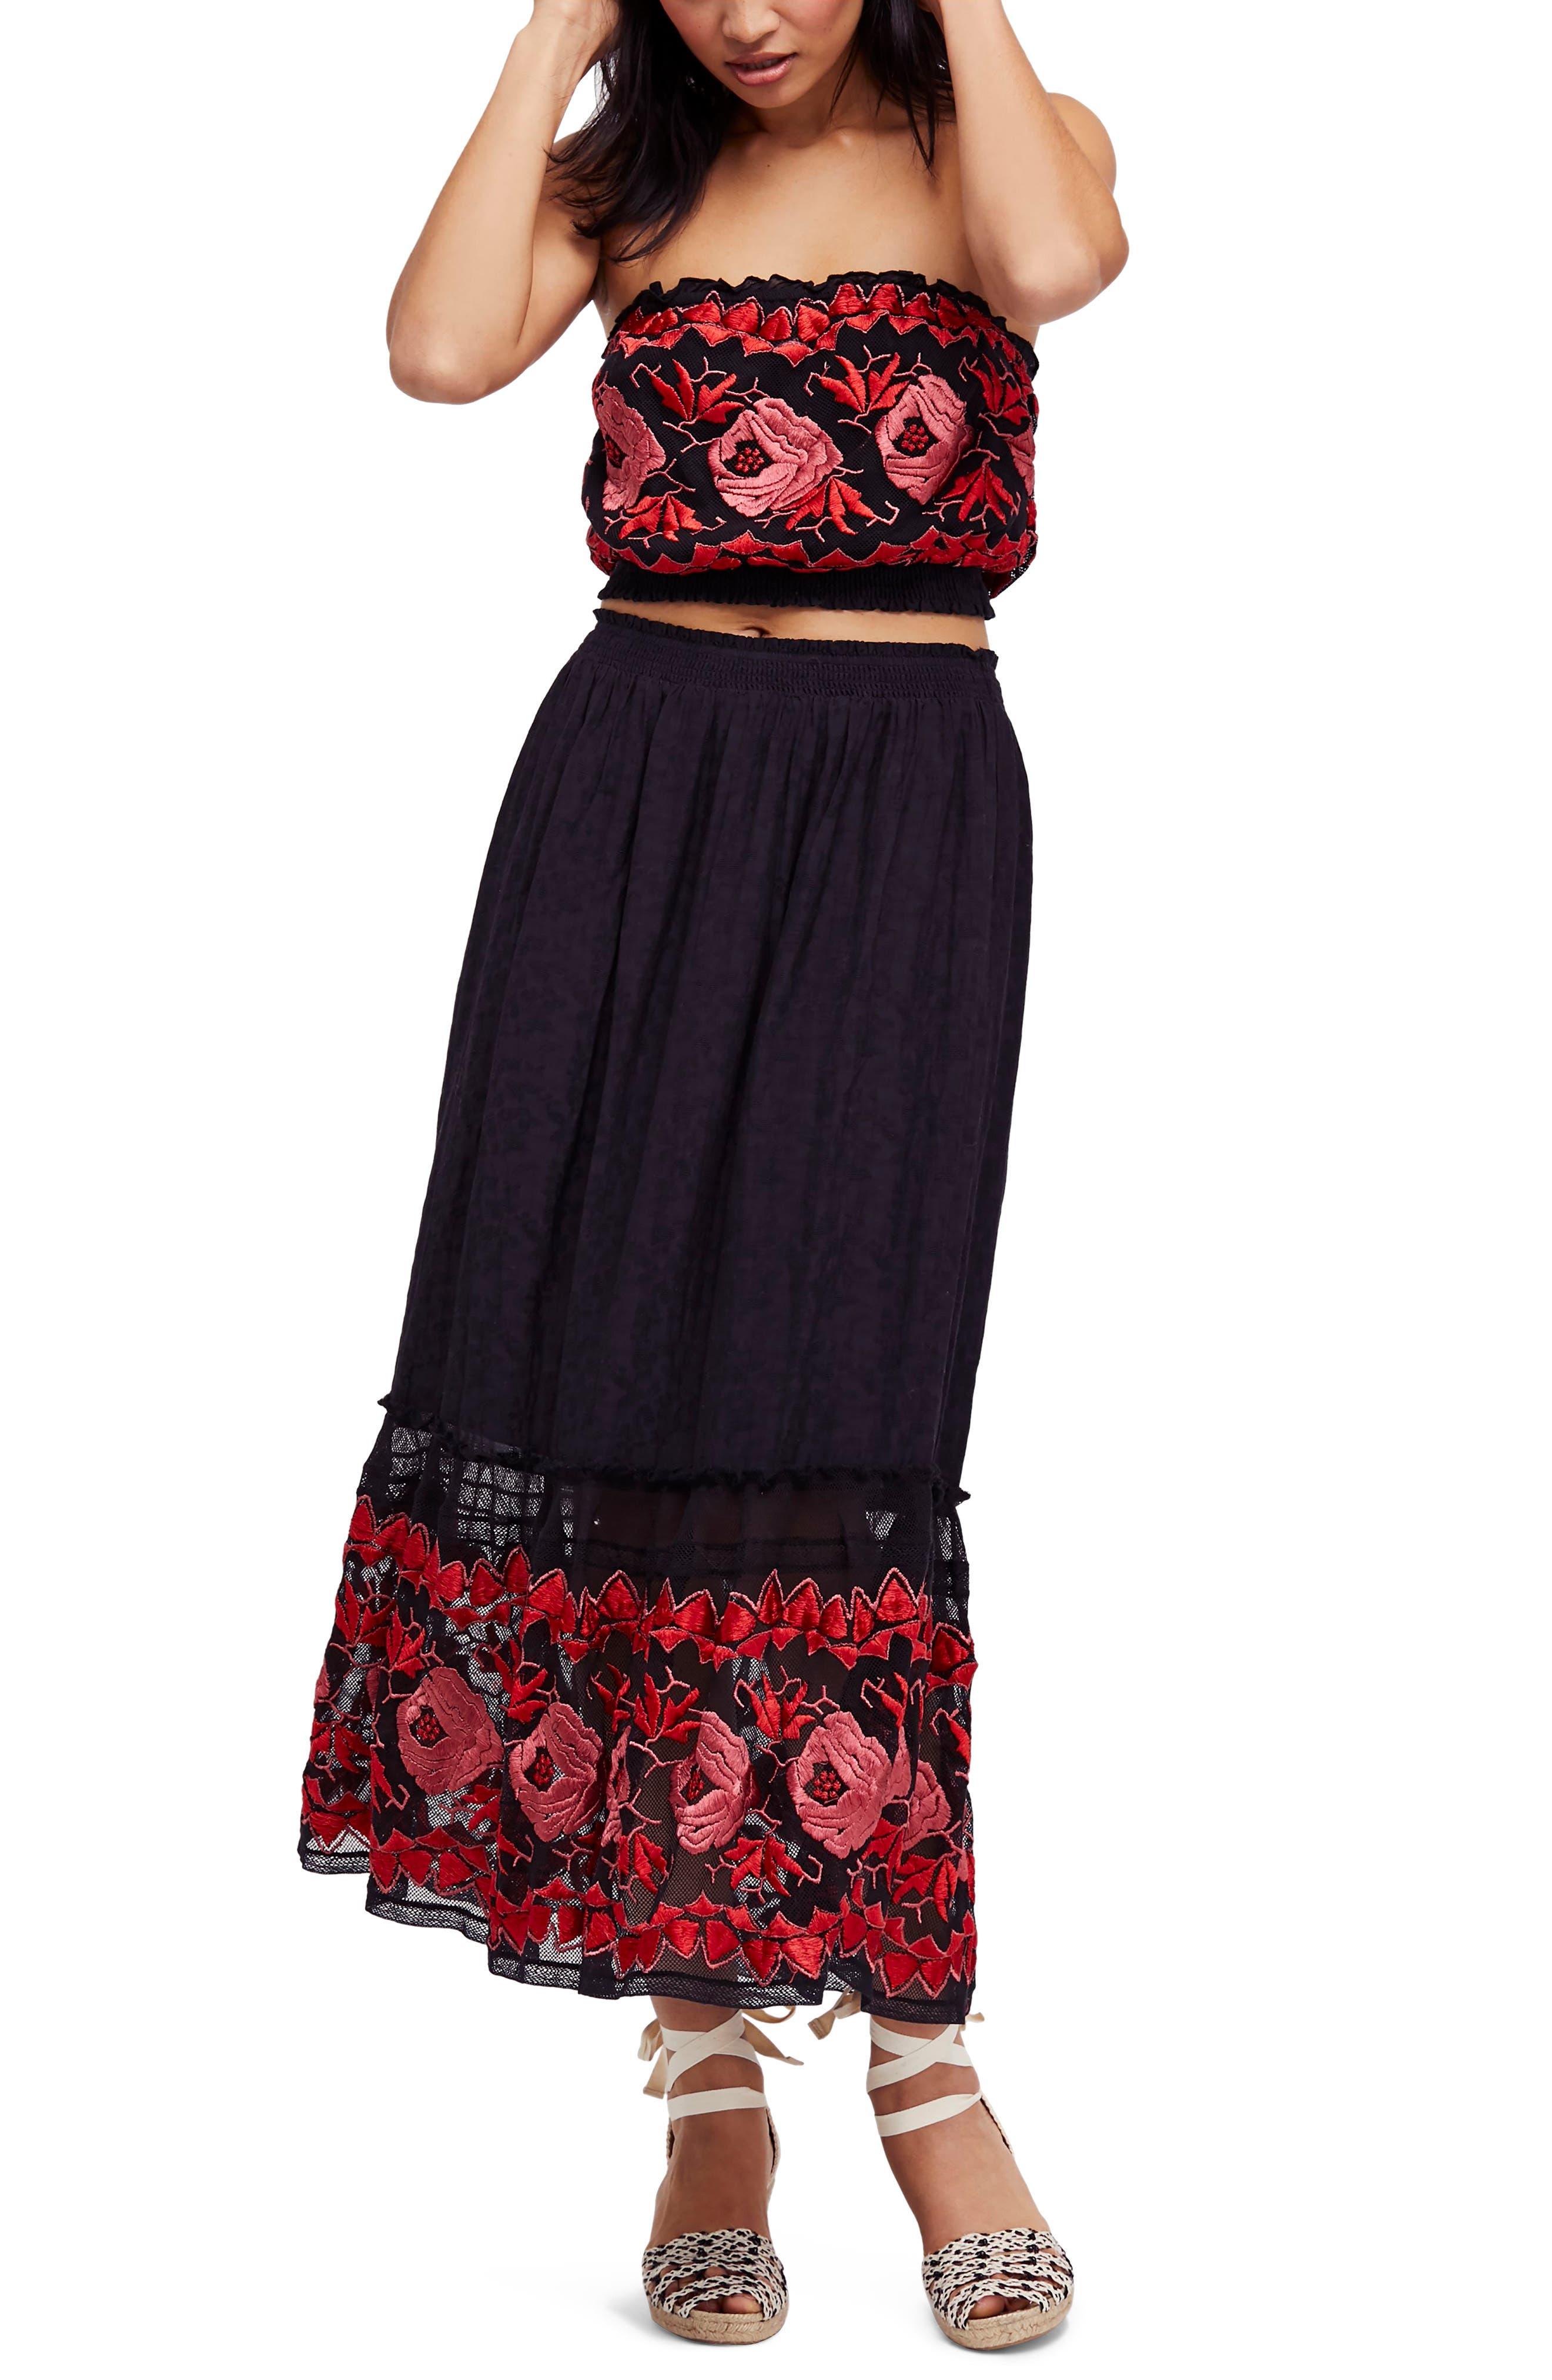 Rosebud Top & Skirt,                         Main,                         color, 019